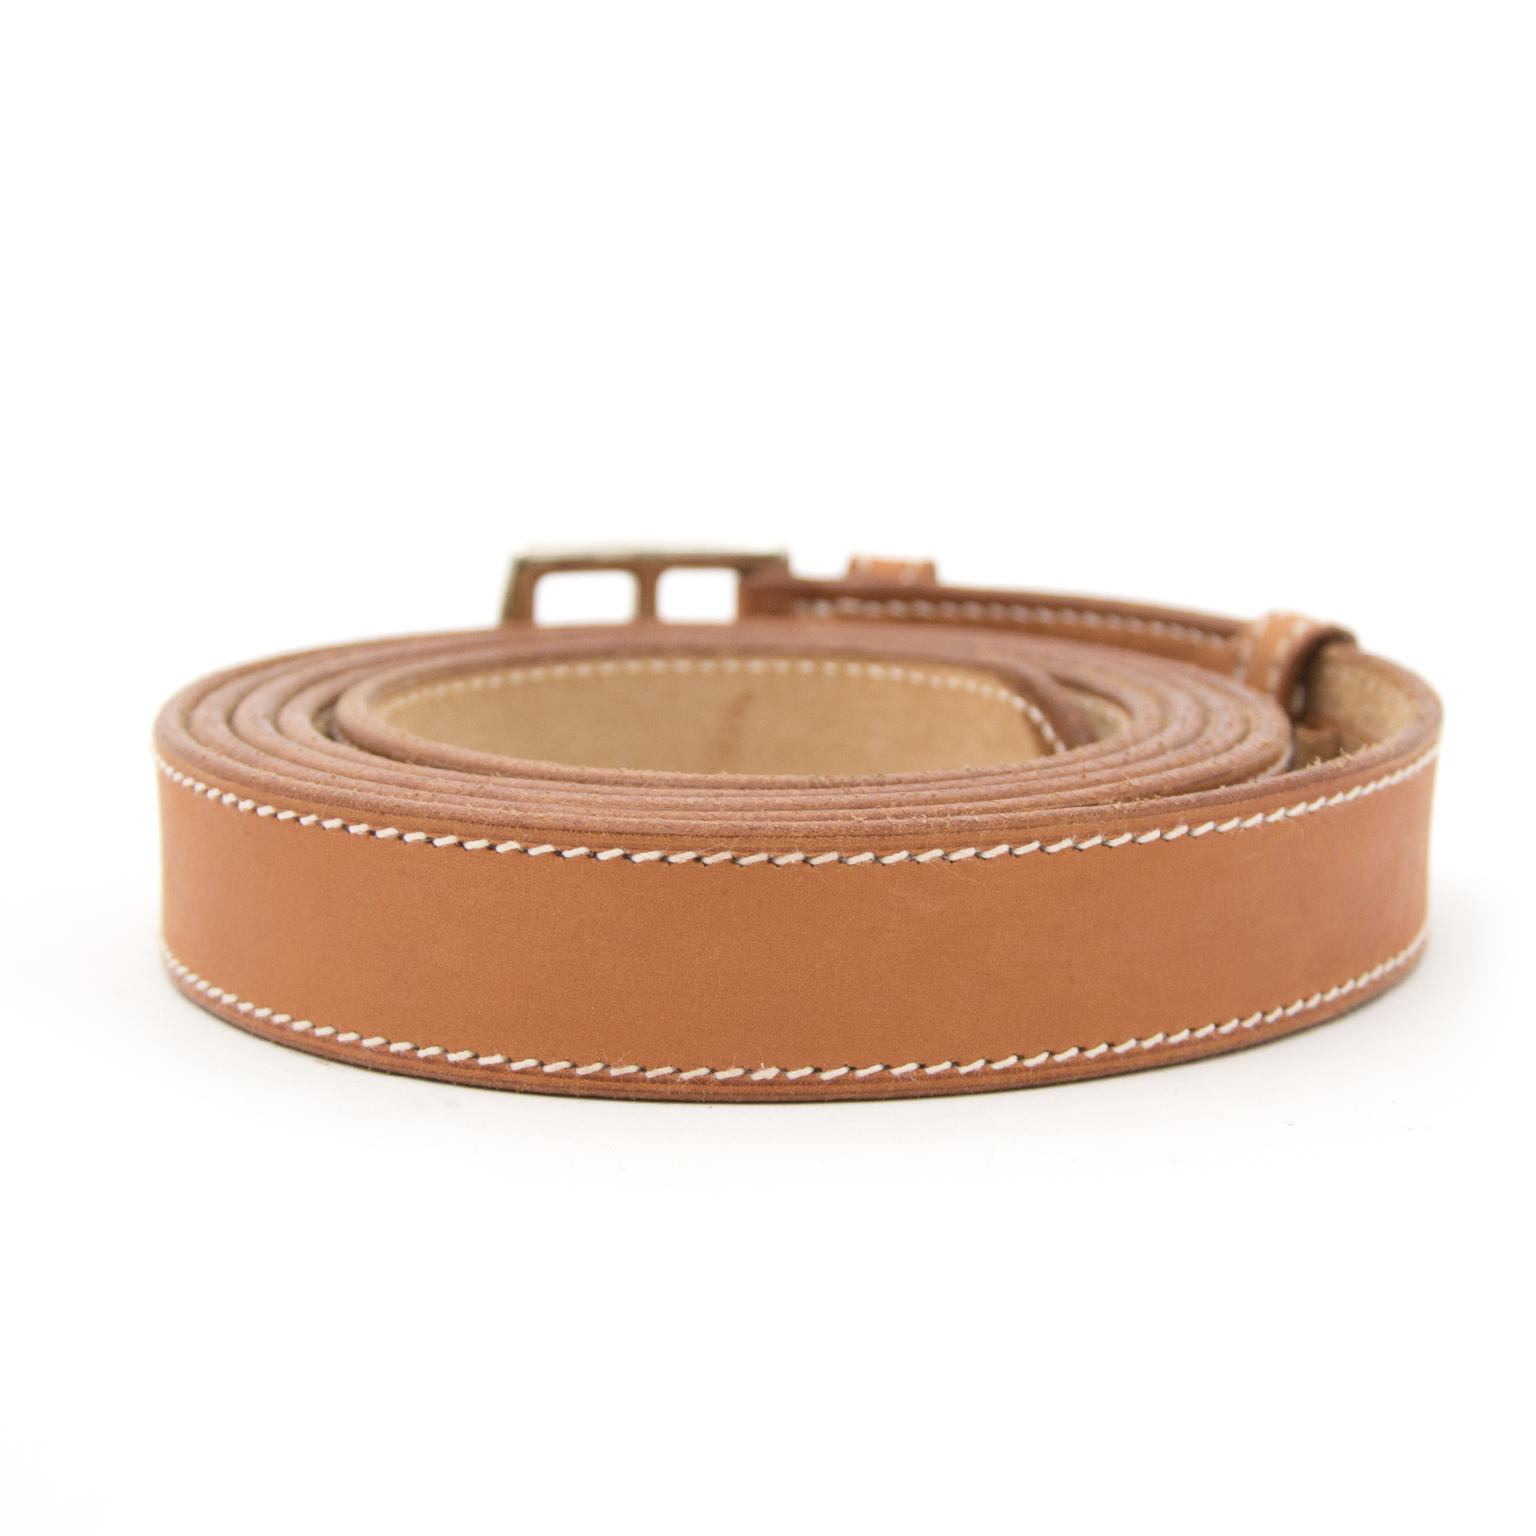 Acheter en ligne chez labellov.com pour le meilleur prix hermes natural double tour belt